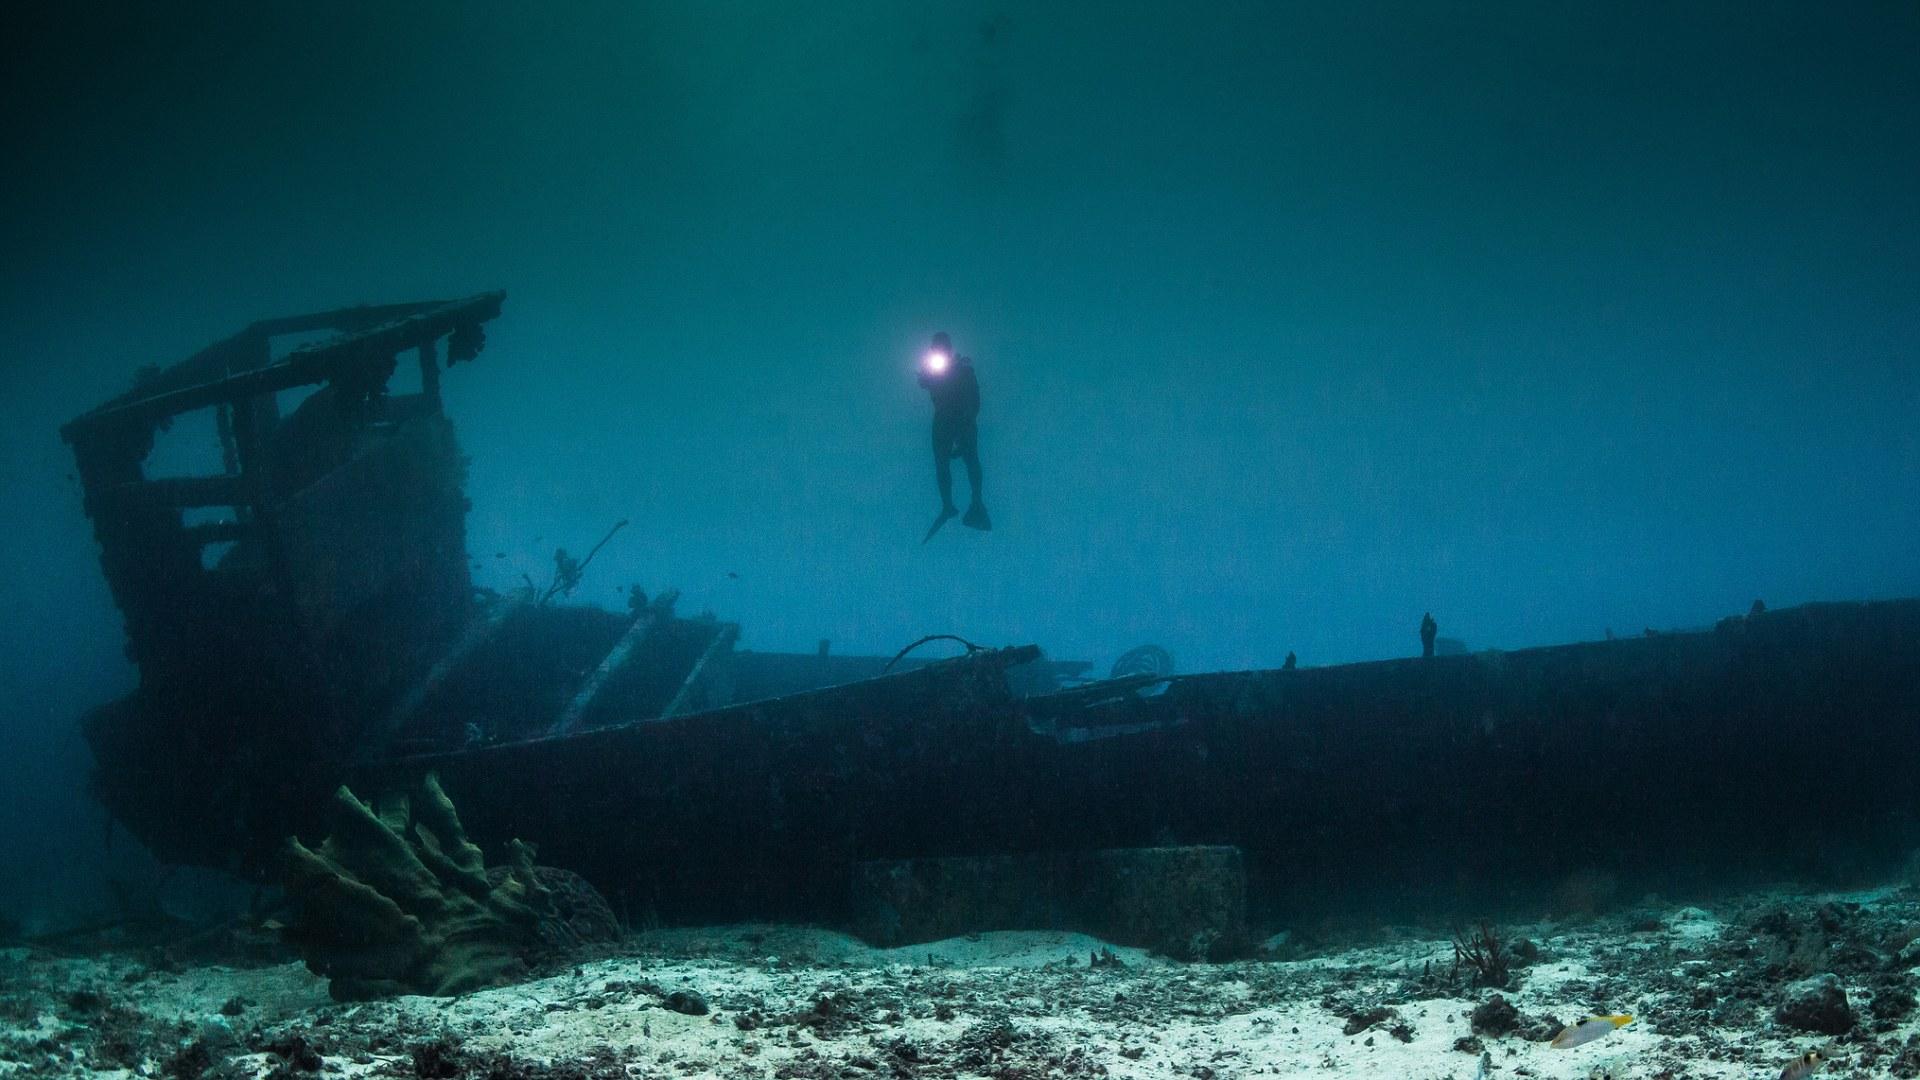 Scuba Diver Explores Wreck In Undersea